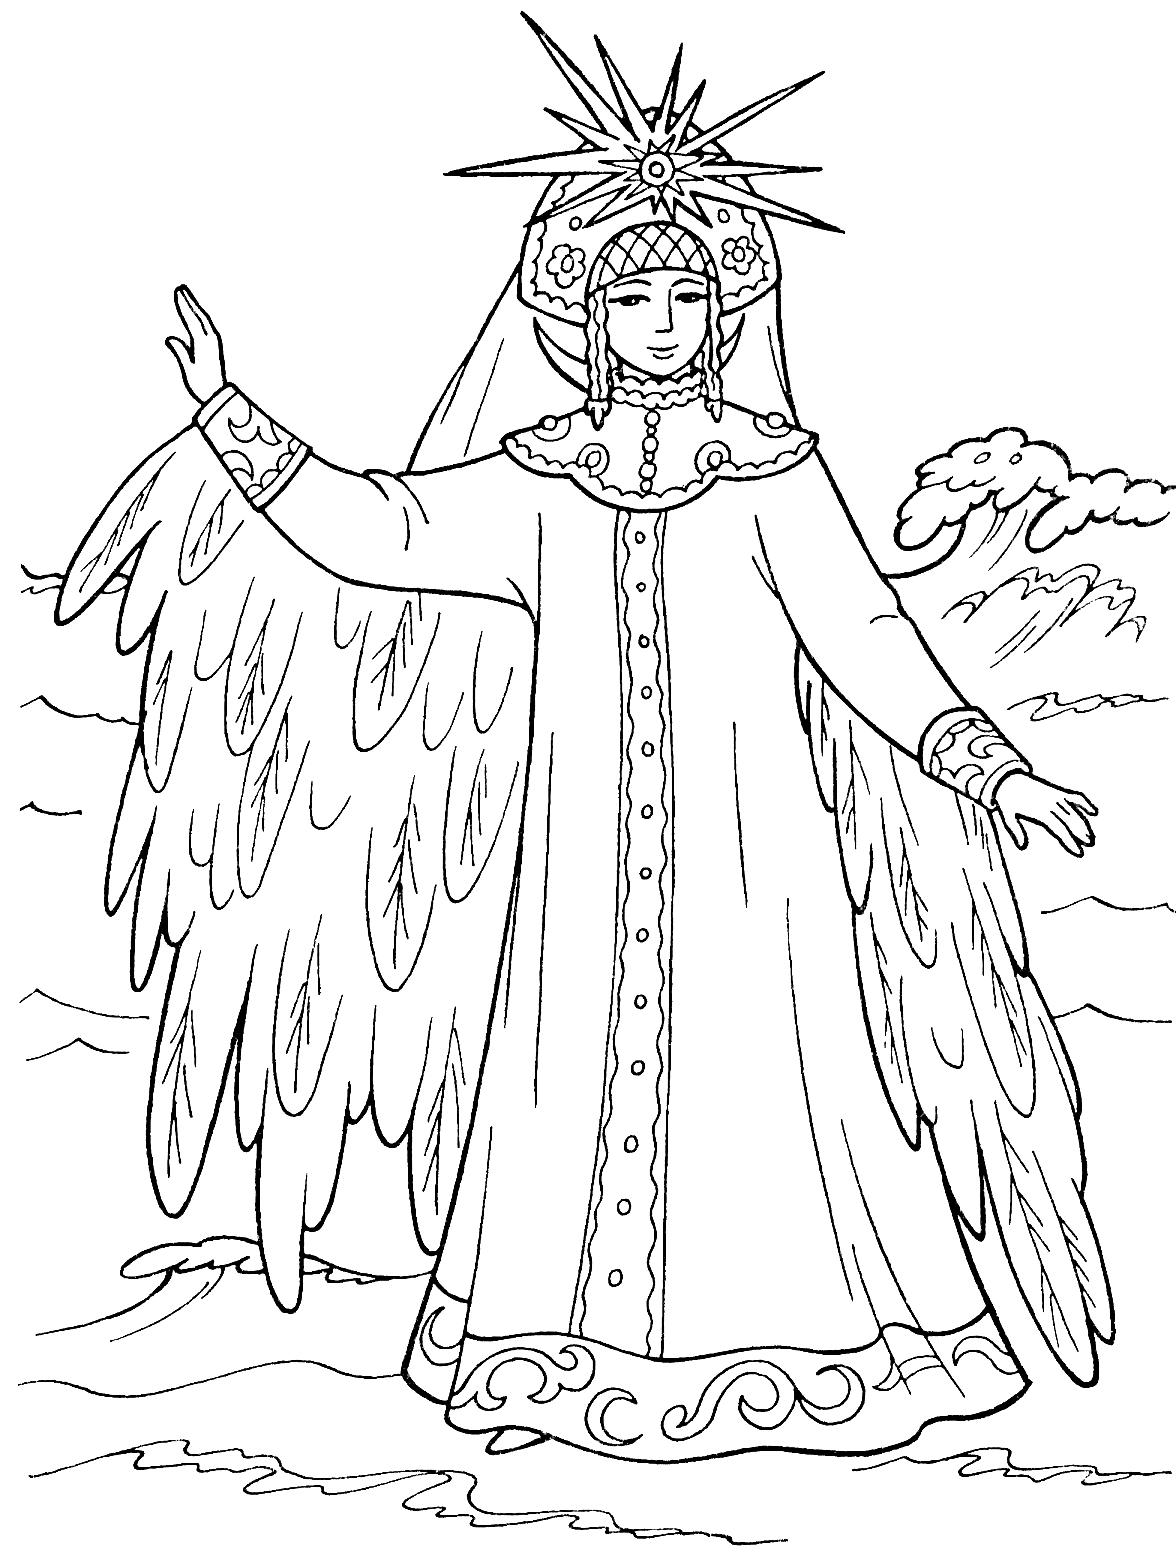 лебедь раскраска для царевна